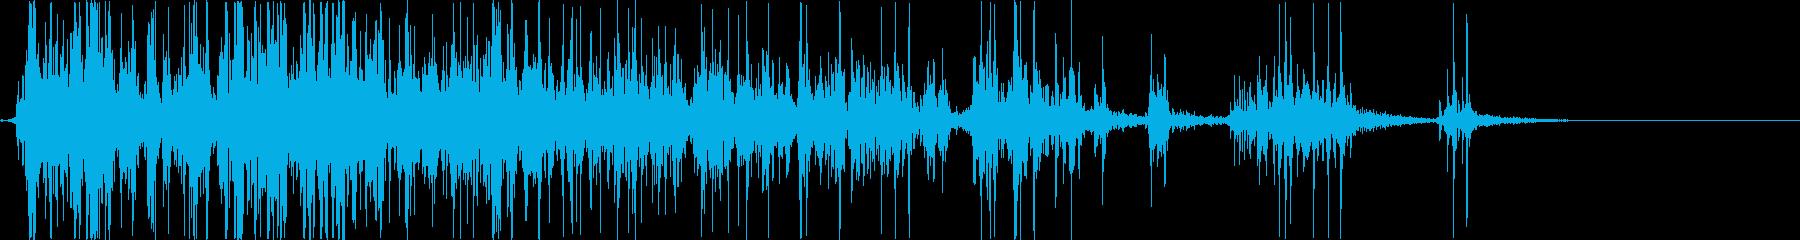 ウーピークッション:オナラ、さまざま。の再生済みの波形